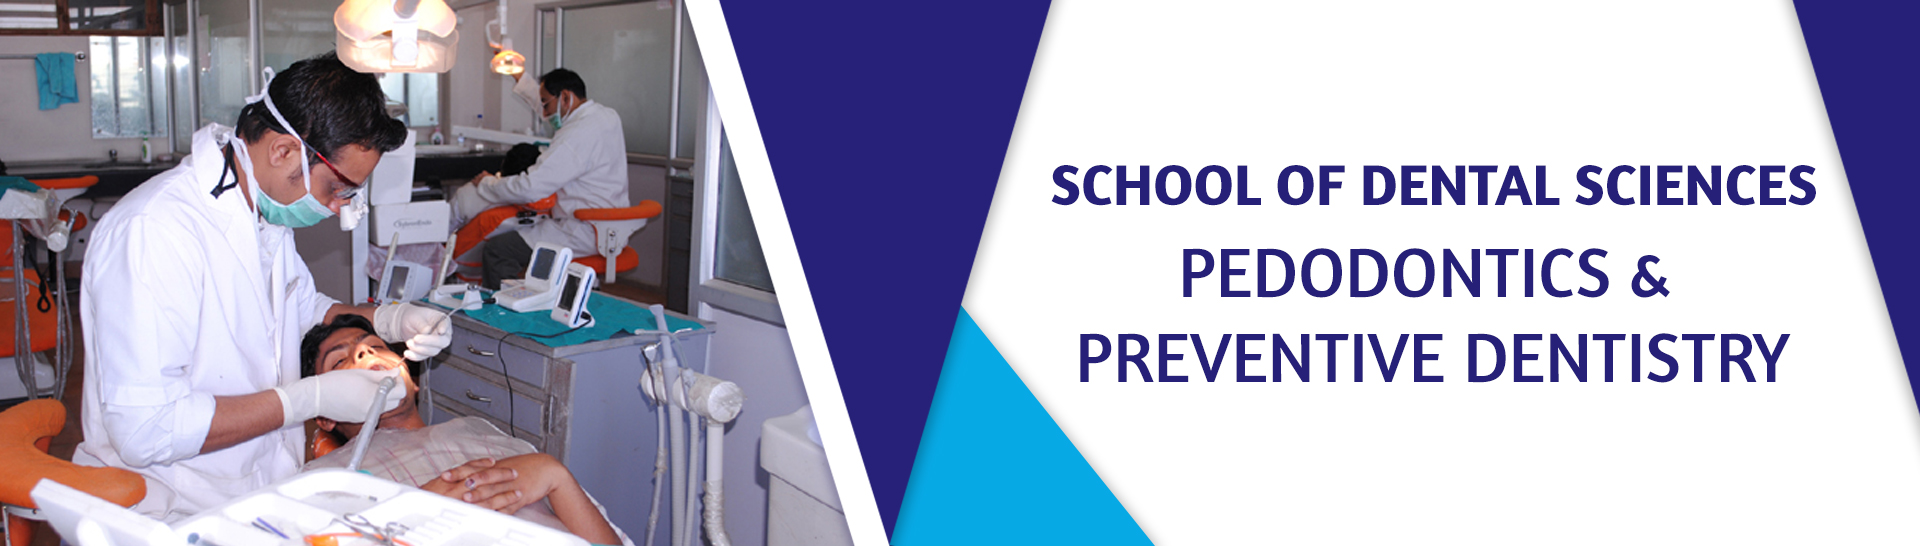 dental-pedodontics__preventive_dentistry